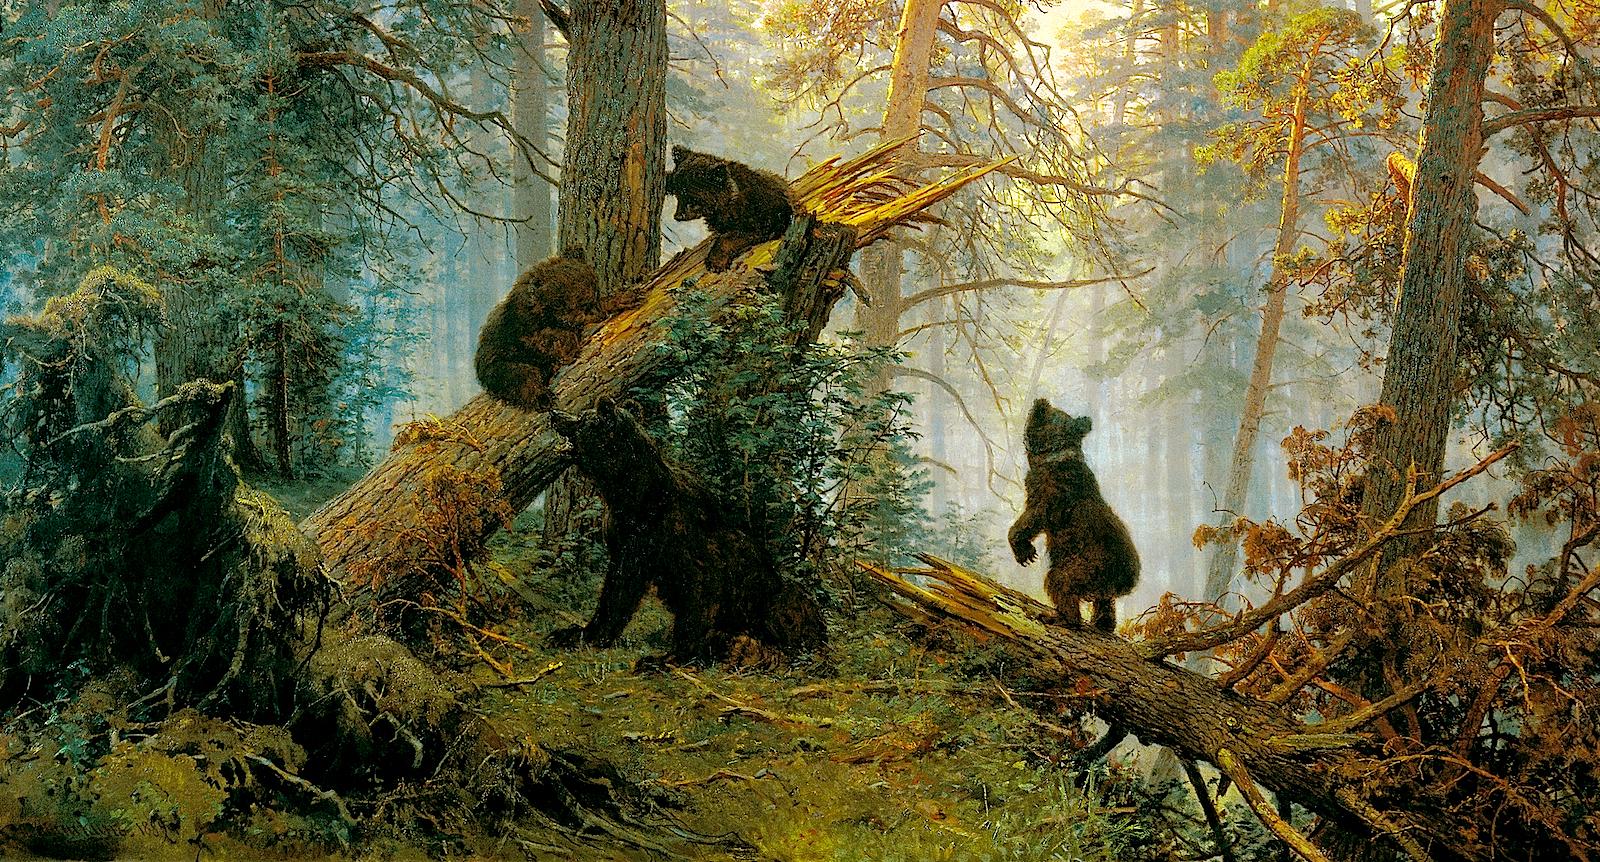 Шишкин учился писать пейзажи в Дюссельдорфе